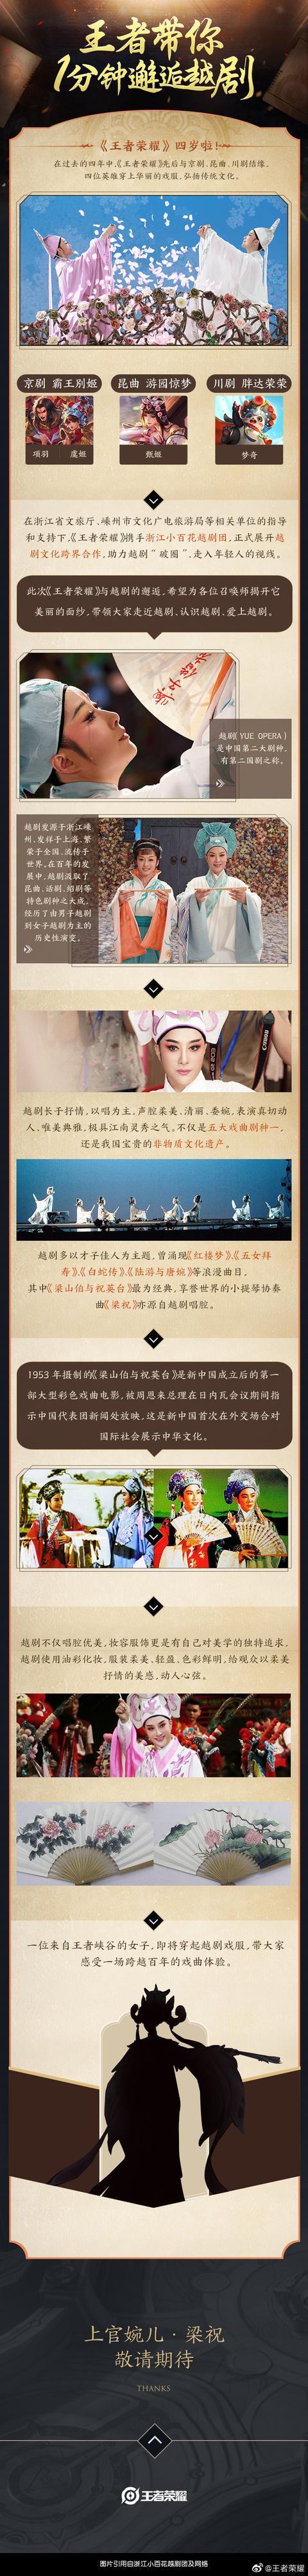 王者荣耀四周年活动预告:走近越剧解锁上官婉儿周年庆皮肤